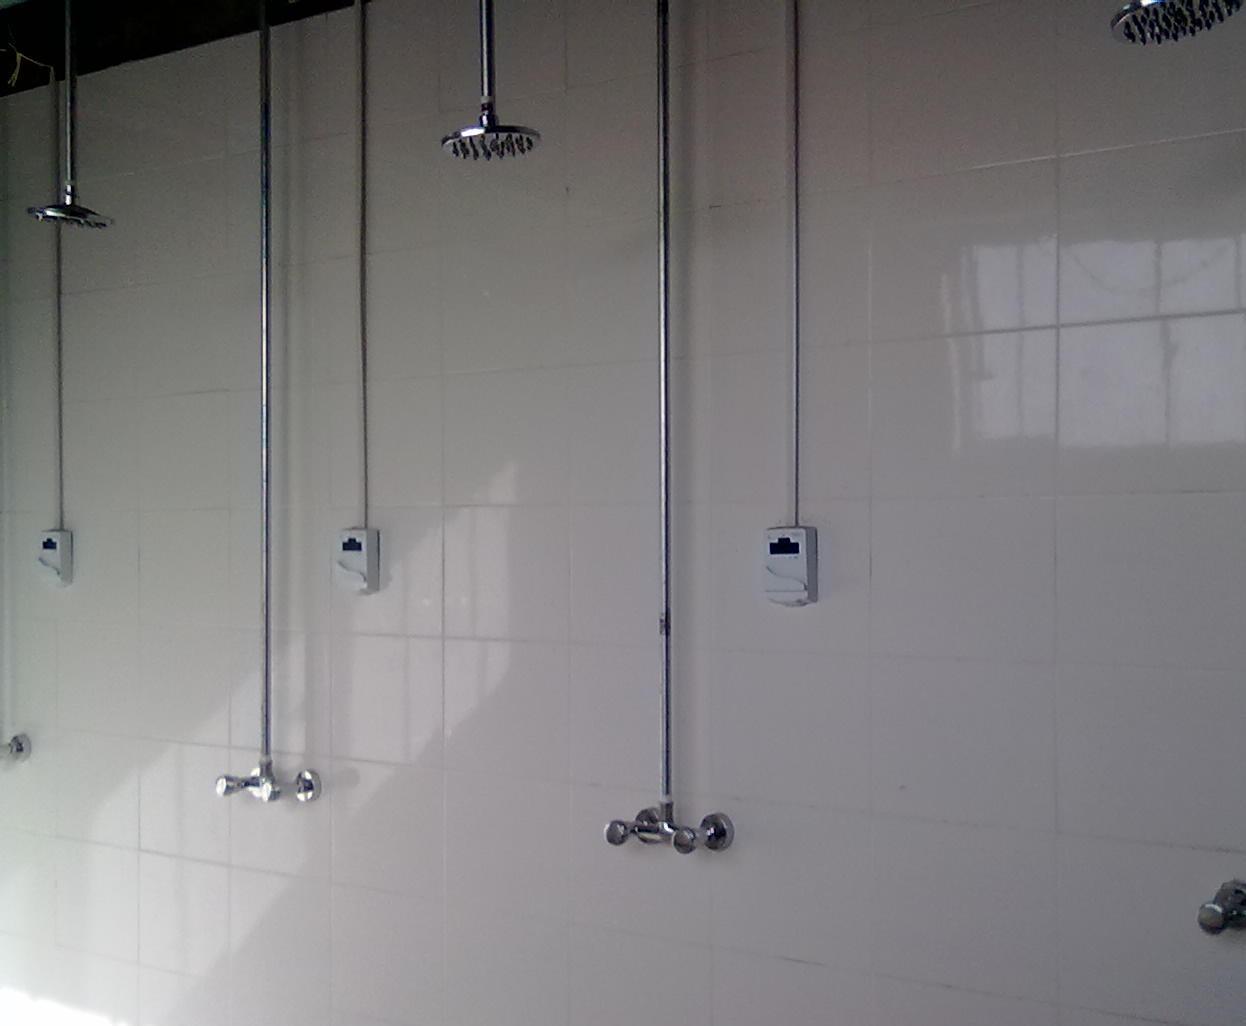 苏州水控器,刷卡水控机,淋浴控水系统